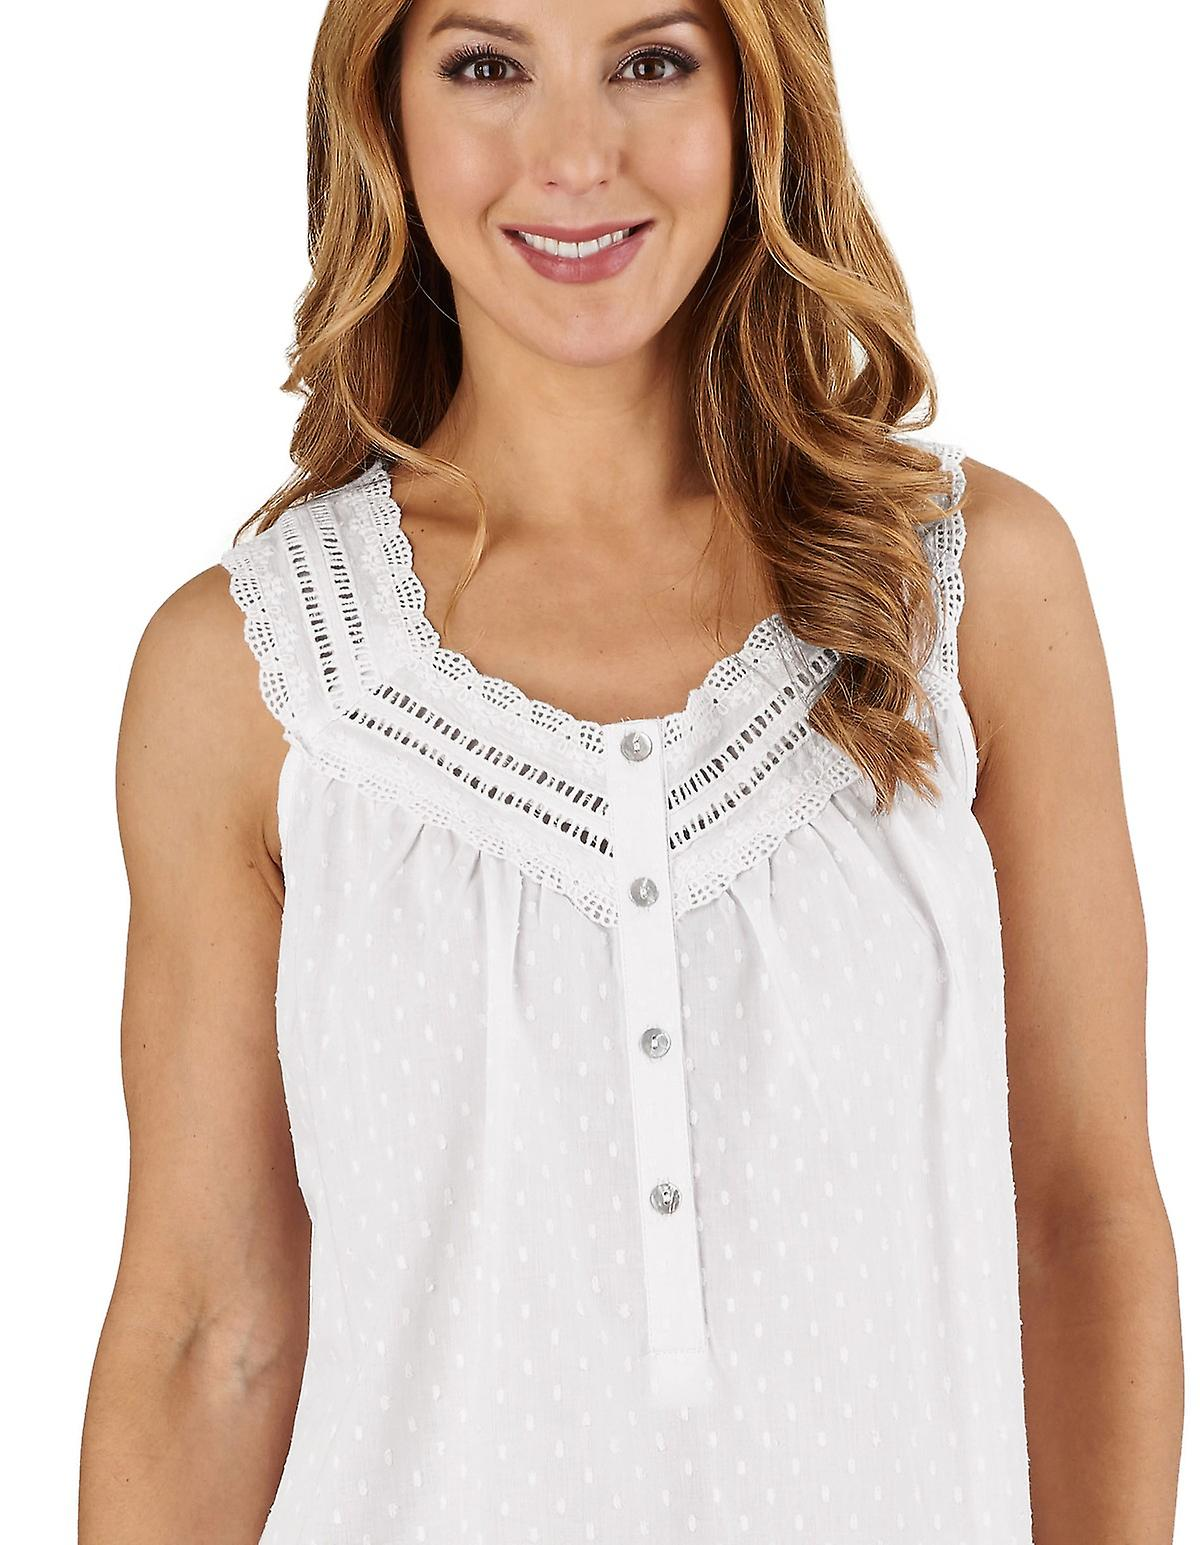 Slenderella ND1211L Women s Dobby Dot White 100% Cotton Night Gown  Loungewear Sleeveless Nightdress 1ba335f3a